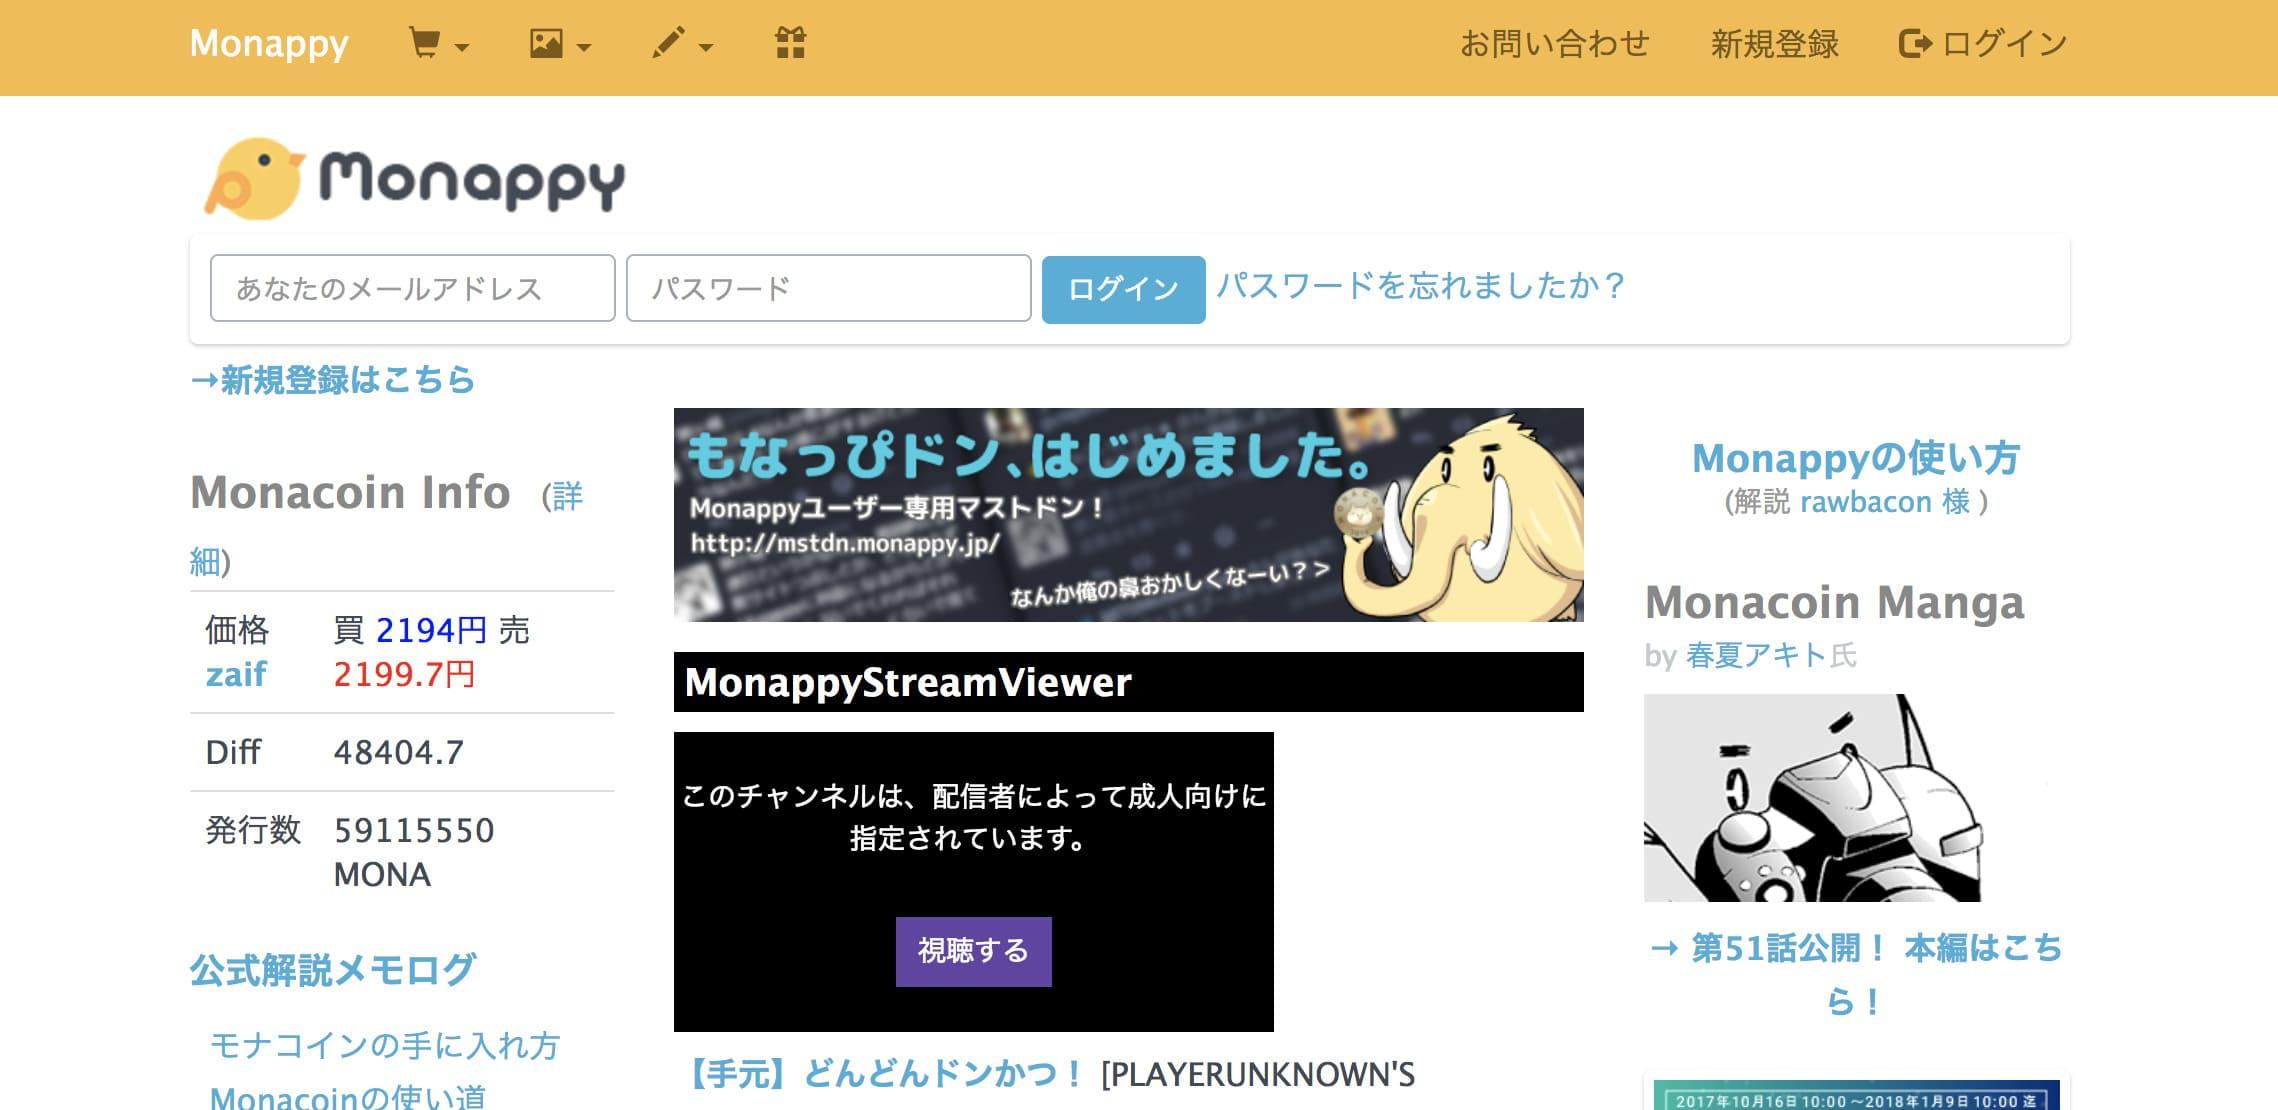 monapy